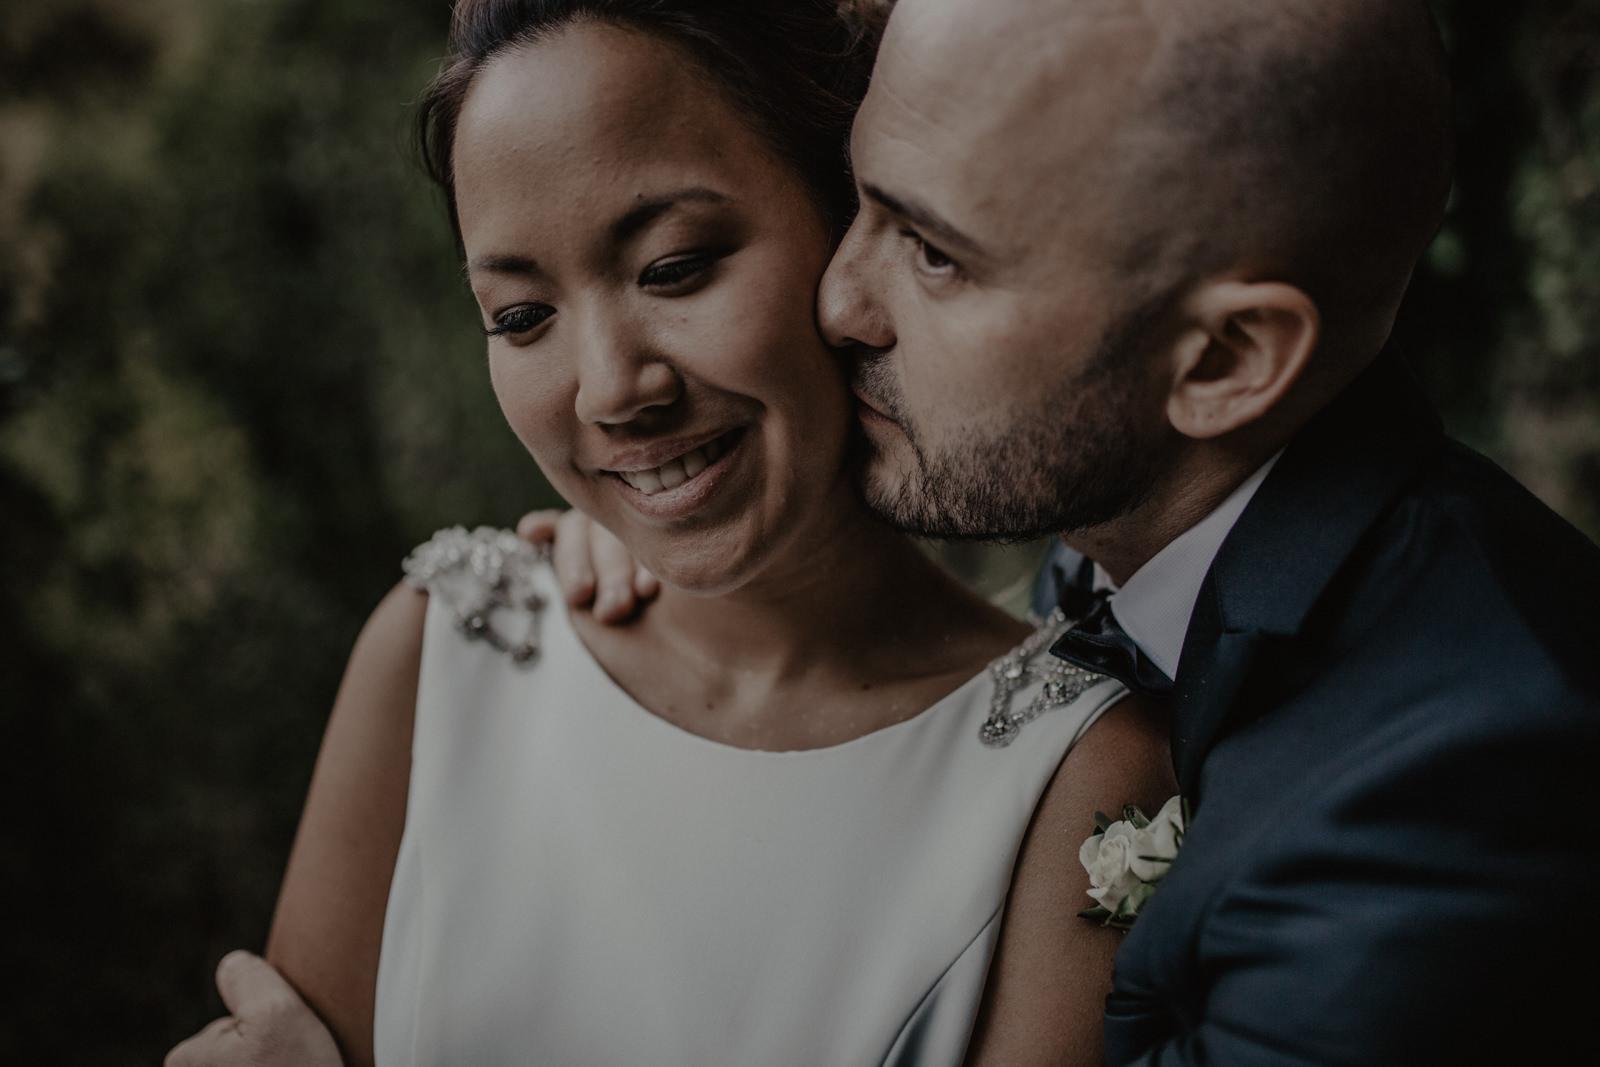 thenortherngirlphotography_photography_thenortherngirl_rebeccascabros_wedding_weddingphotography_weddingphotographer_barcelona_bodaenlabaronia_labaronia_japanesewedding_destinationwedding_shokoalbert-707.jpg